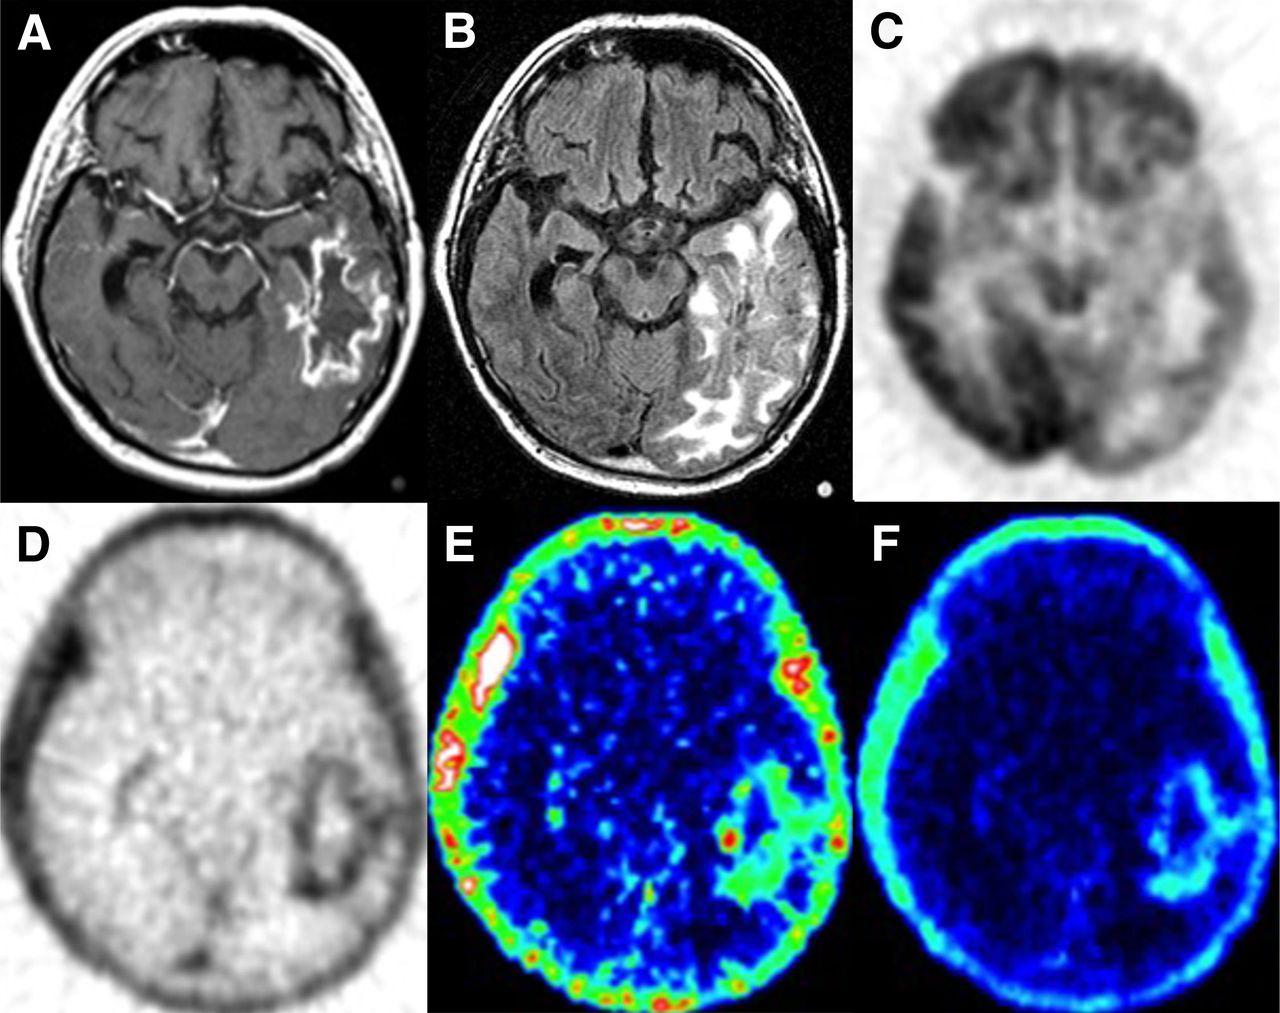 Multimodality Brain Tumor Imaging: MR Imaging, PET, and PET